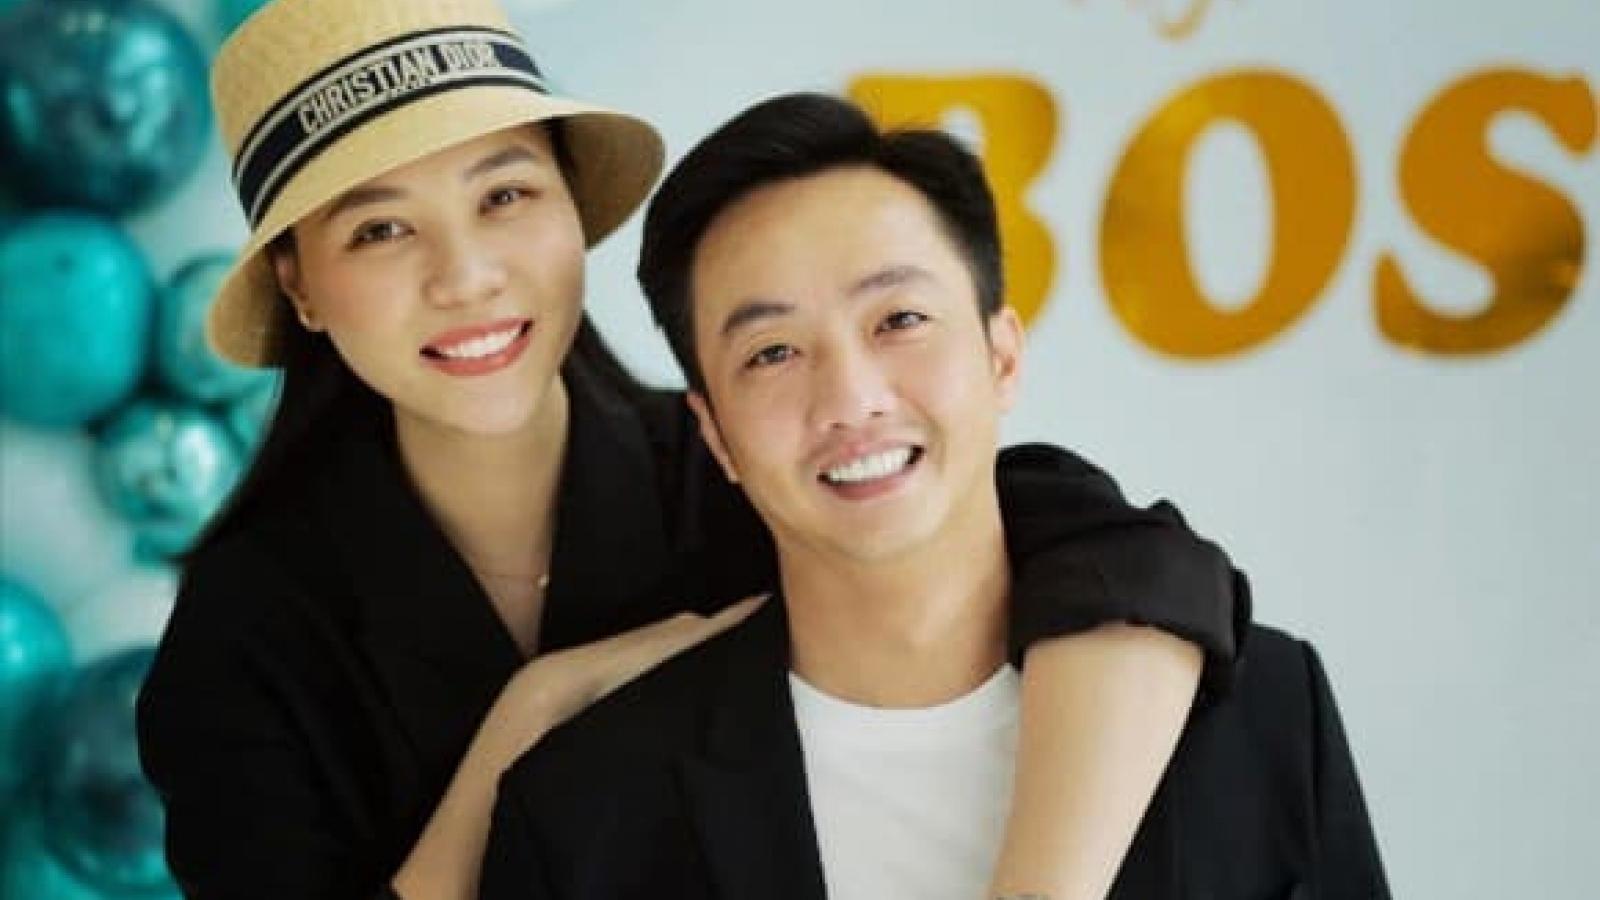 """Chuyện showbiz: Đàm Thu Trang tiết lộ về """"khoản lãi"""" sau khi kết hôn với Cường Đô la"""